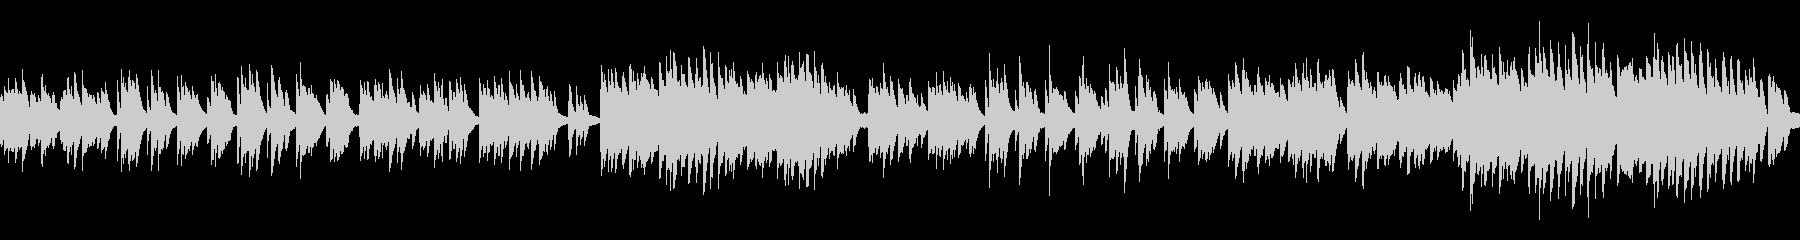 劇伴20C、ノスタルジック、ピアノ・ソロの未再生の波形